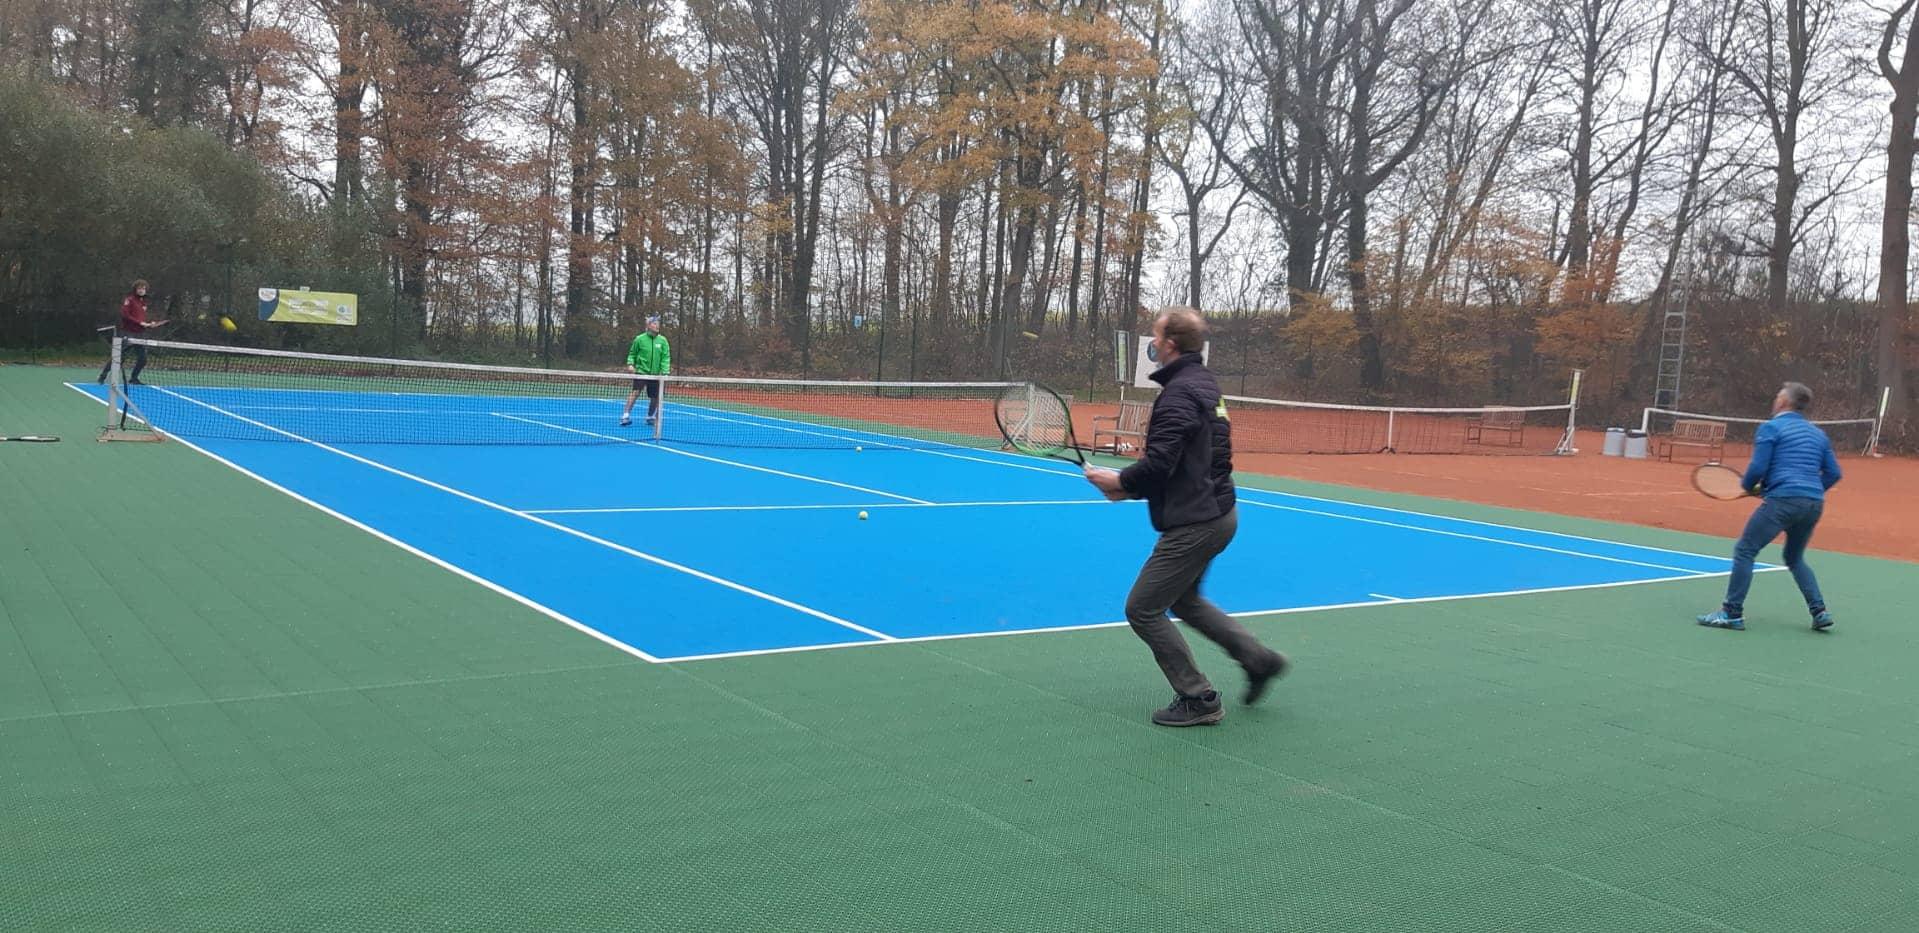 Primeur! Flex Court bij Bierbeekse Tennisclub is eerste die volledig privé werd aangelegd